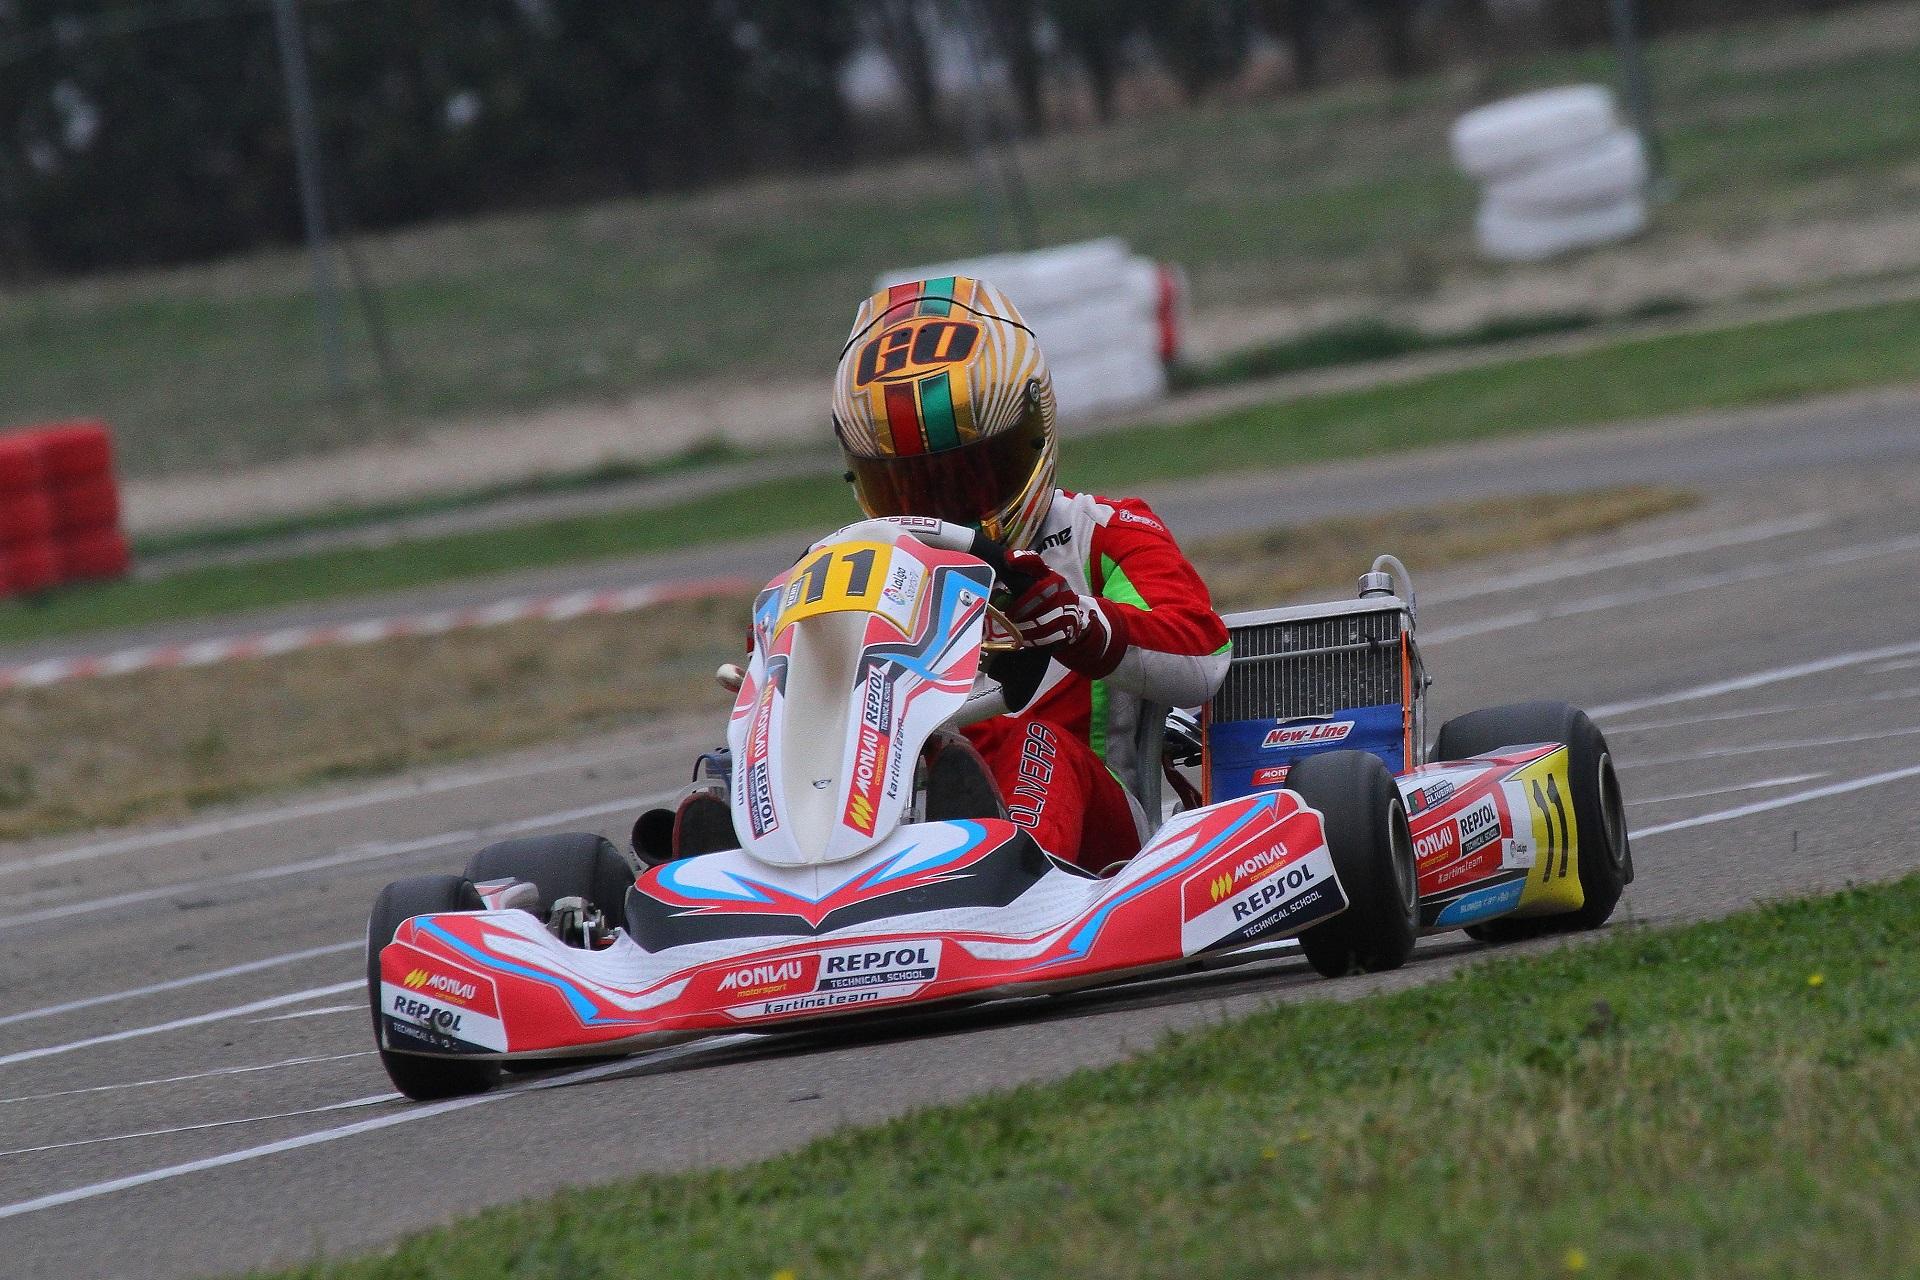 Guilherme de Oliveira somou novo pódio na categoria KZ2 do Campeonato de Espanha